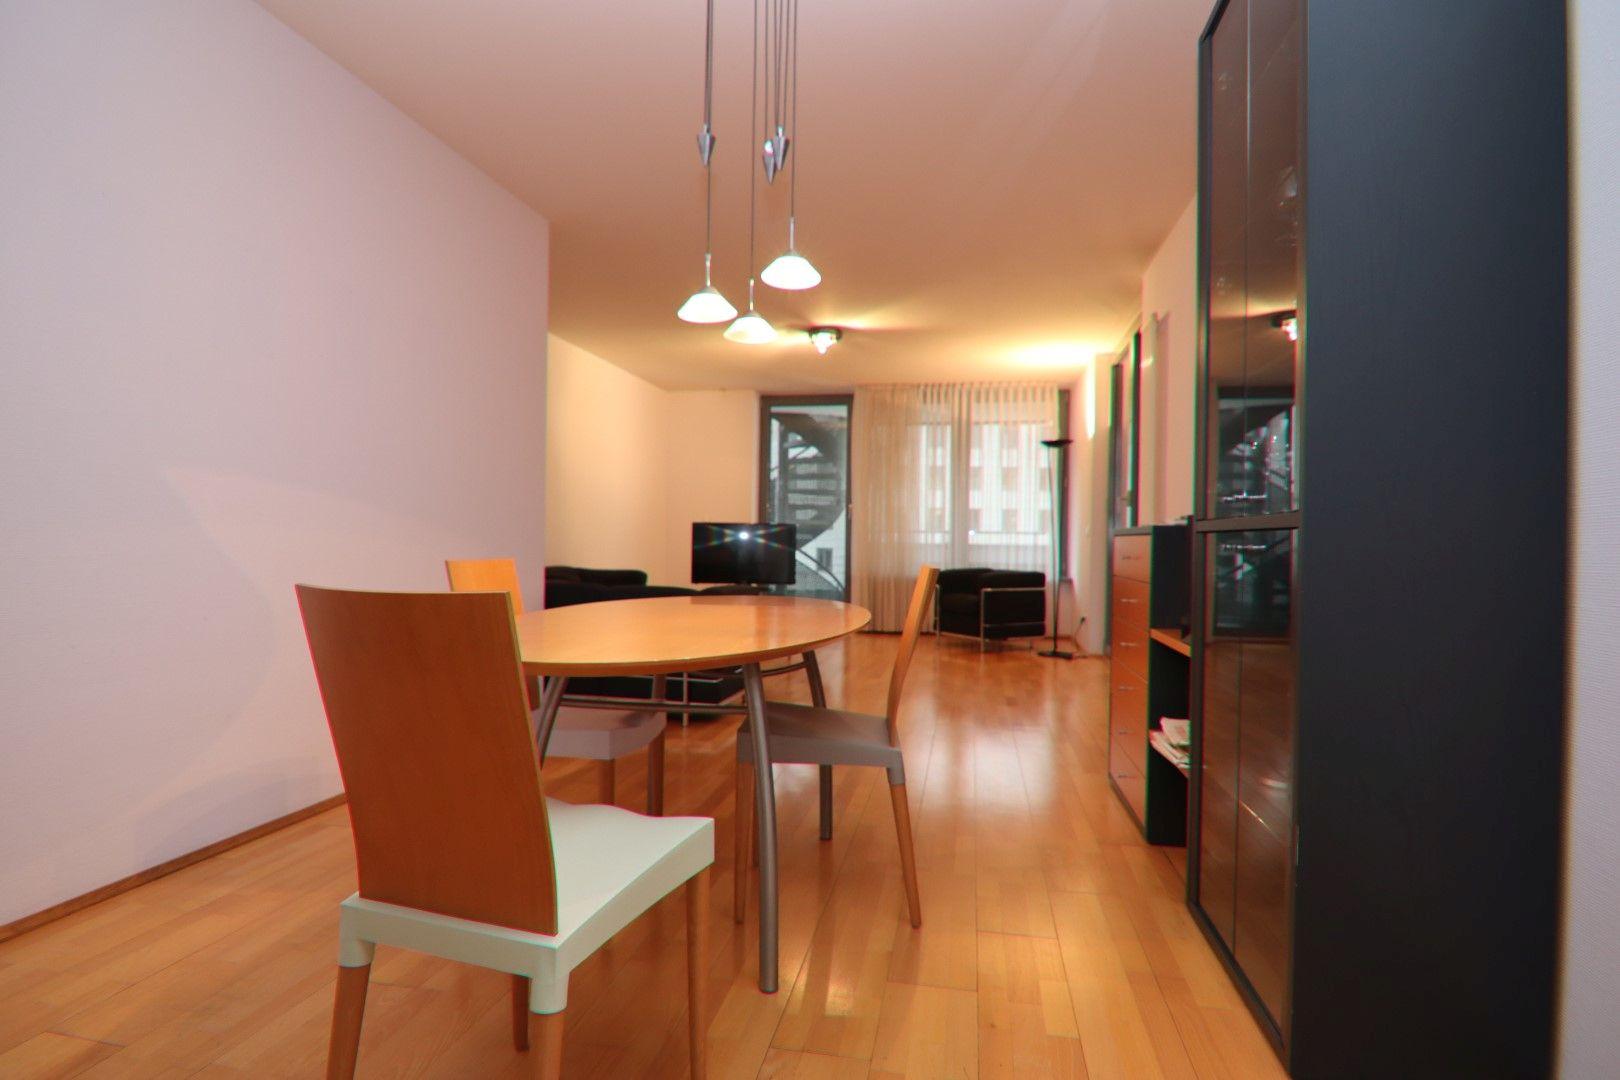 Immobilie Nr.0280 - 2-RAUM-WOHNUNG mit Wintergarten, Stellplatz und Einbauküche  - Bild 3.jpg